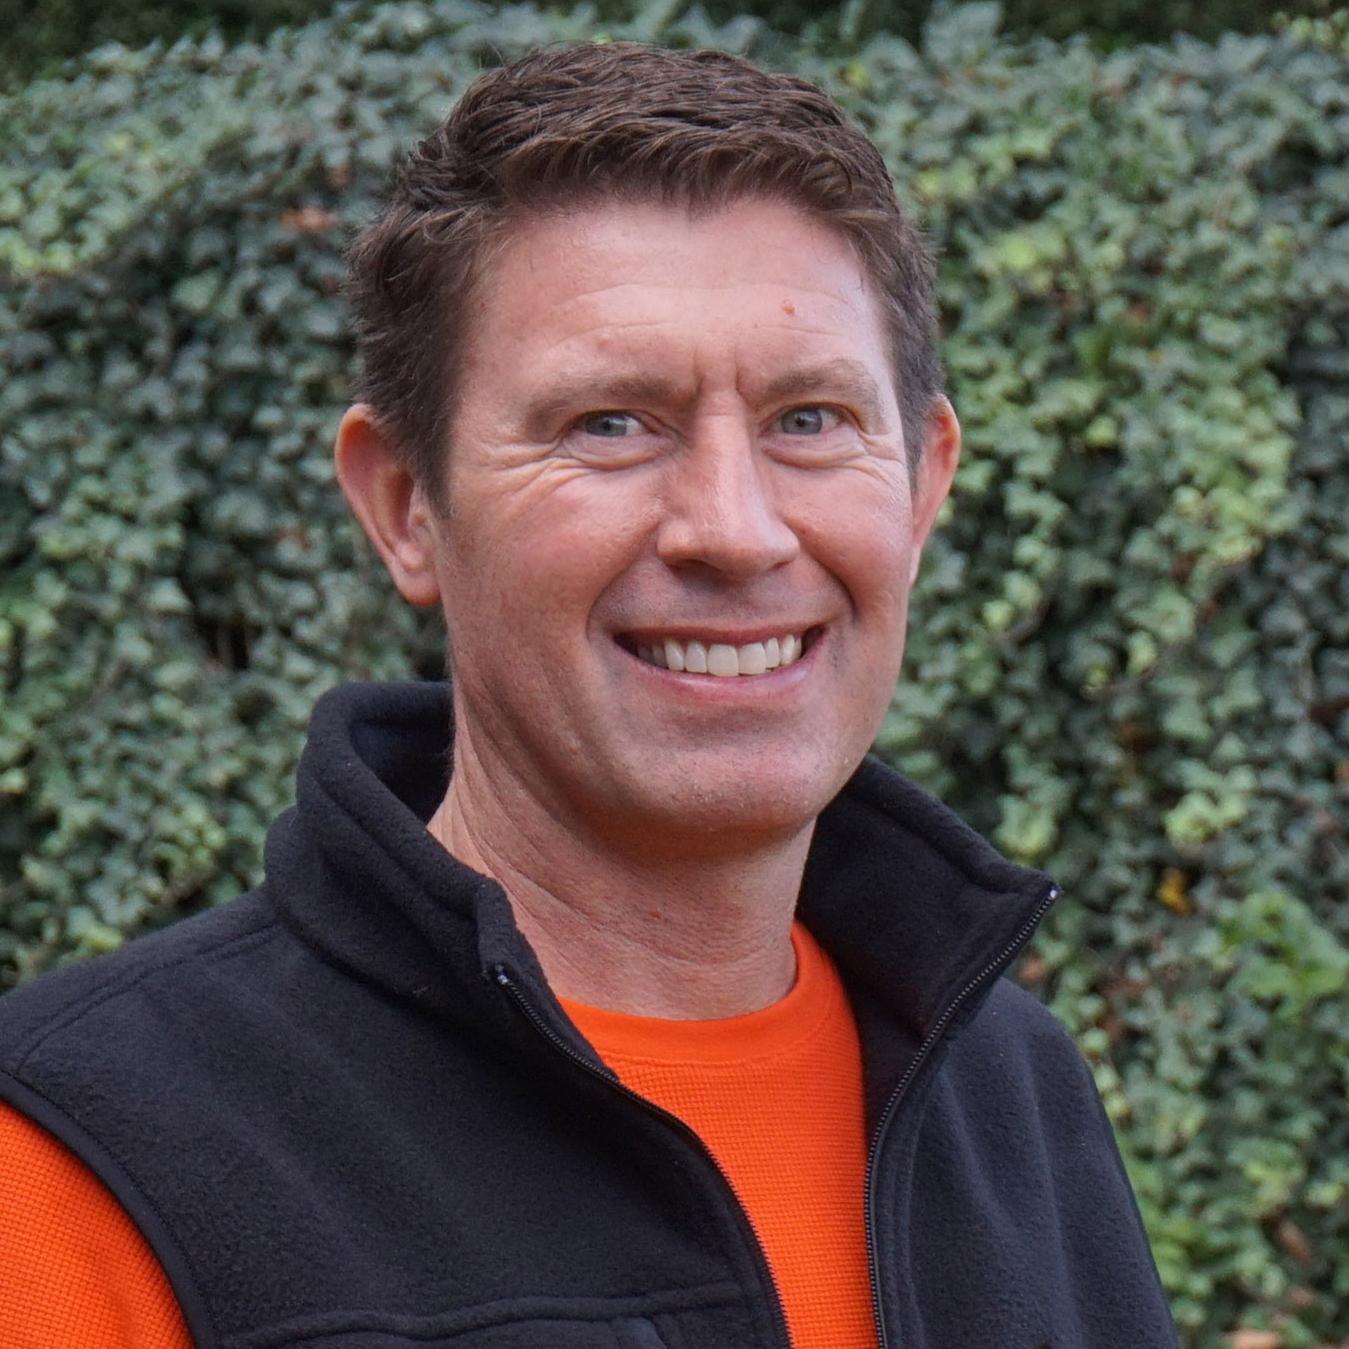 Jason Tatge